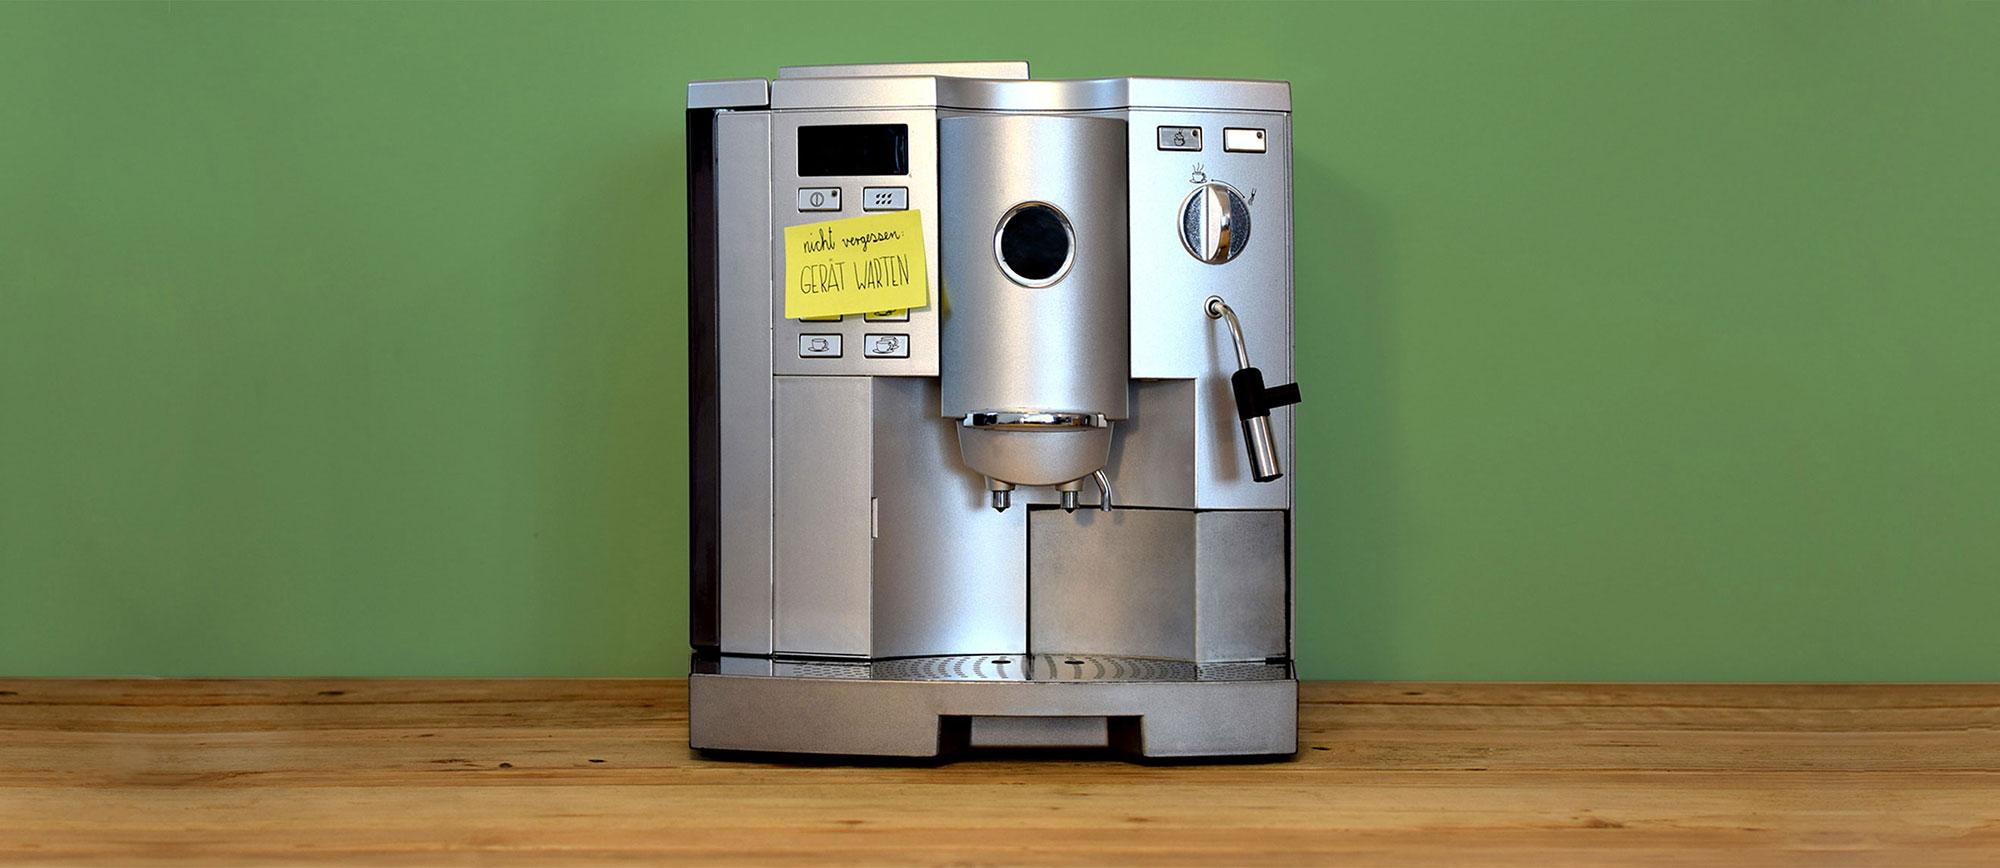 Reparatur-Kundendienst-Lebach-Kaffeemaschinen-Reparatur